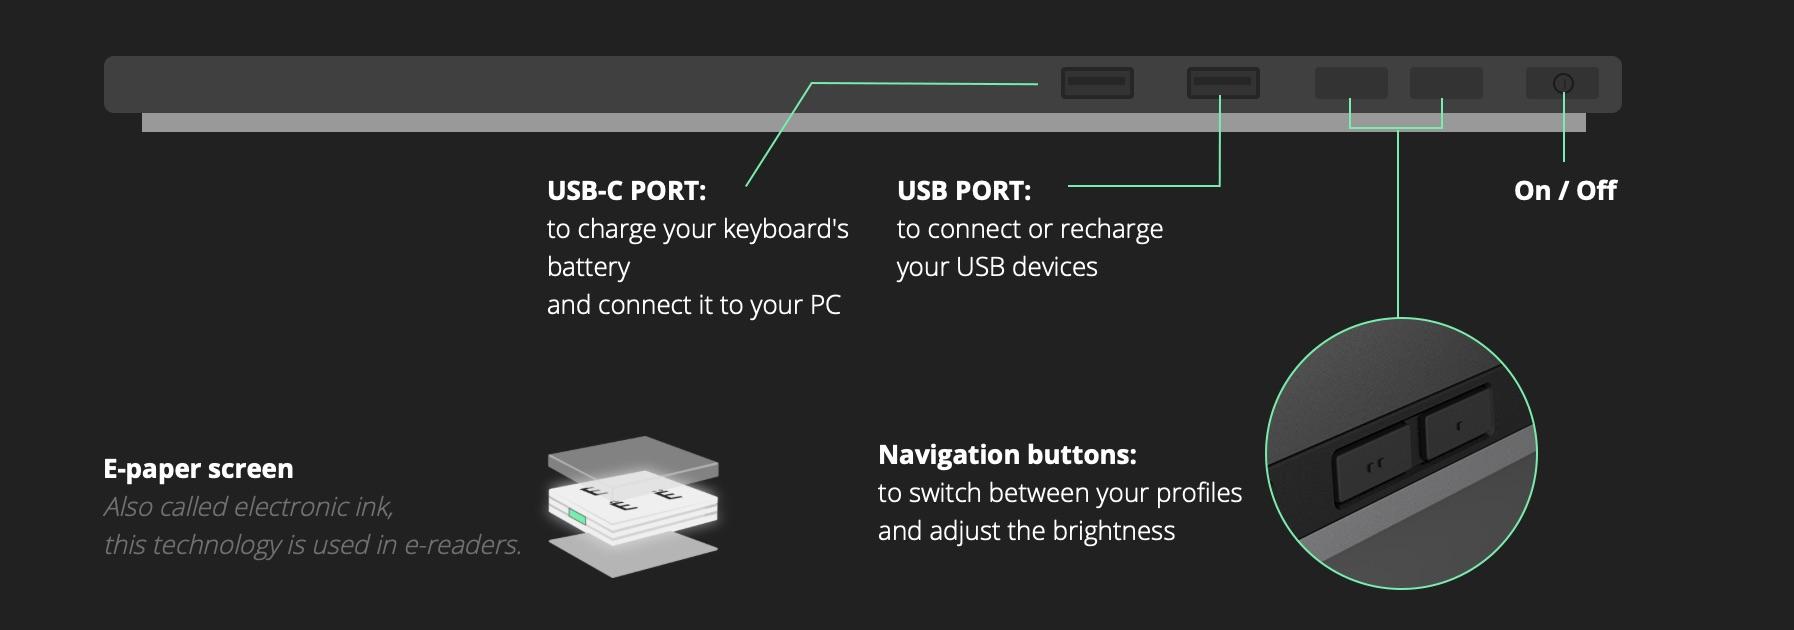 eInk Keyboard Connections.jpg